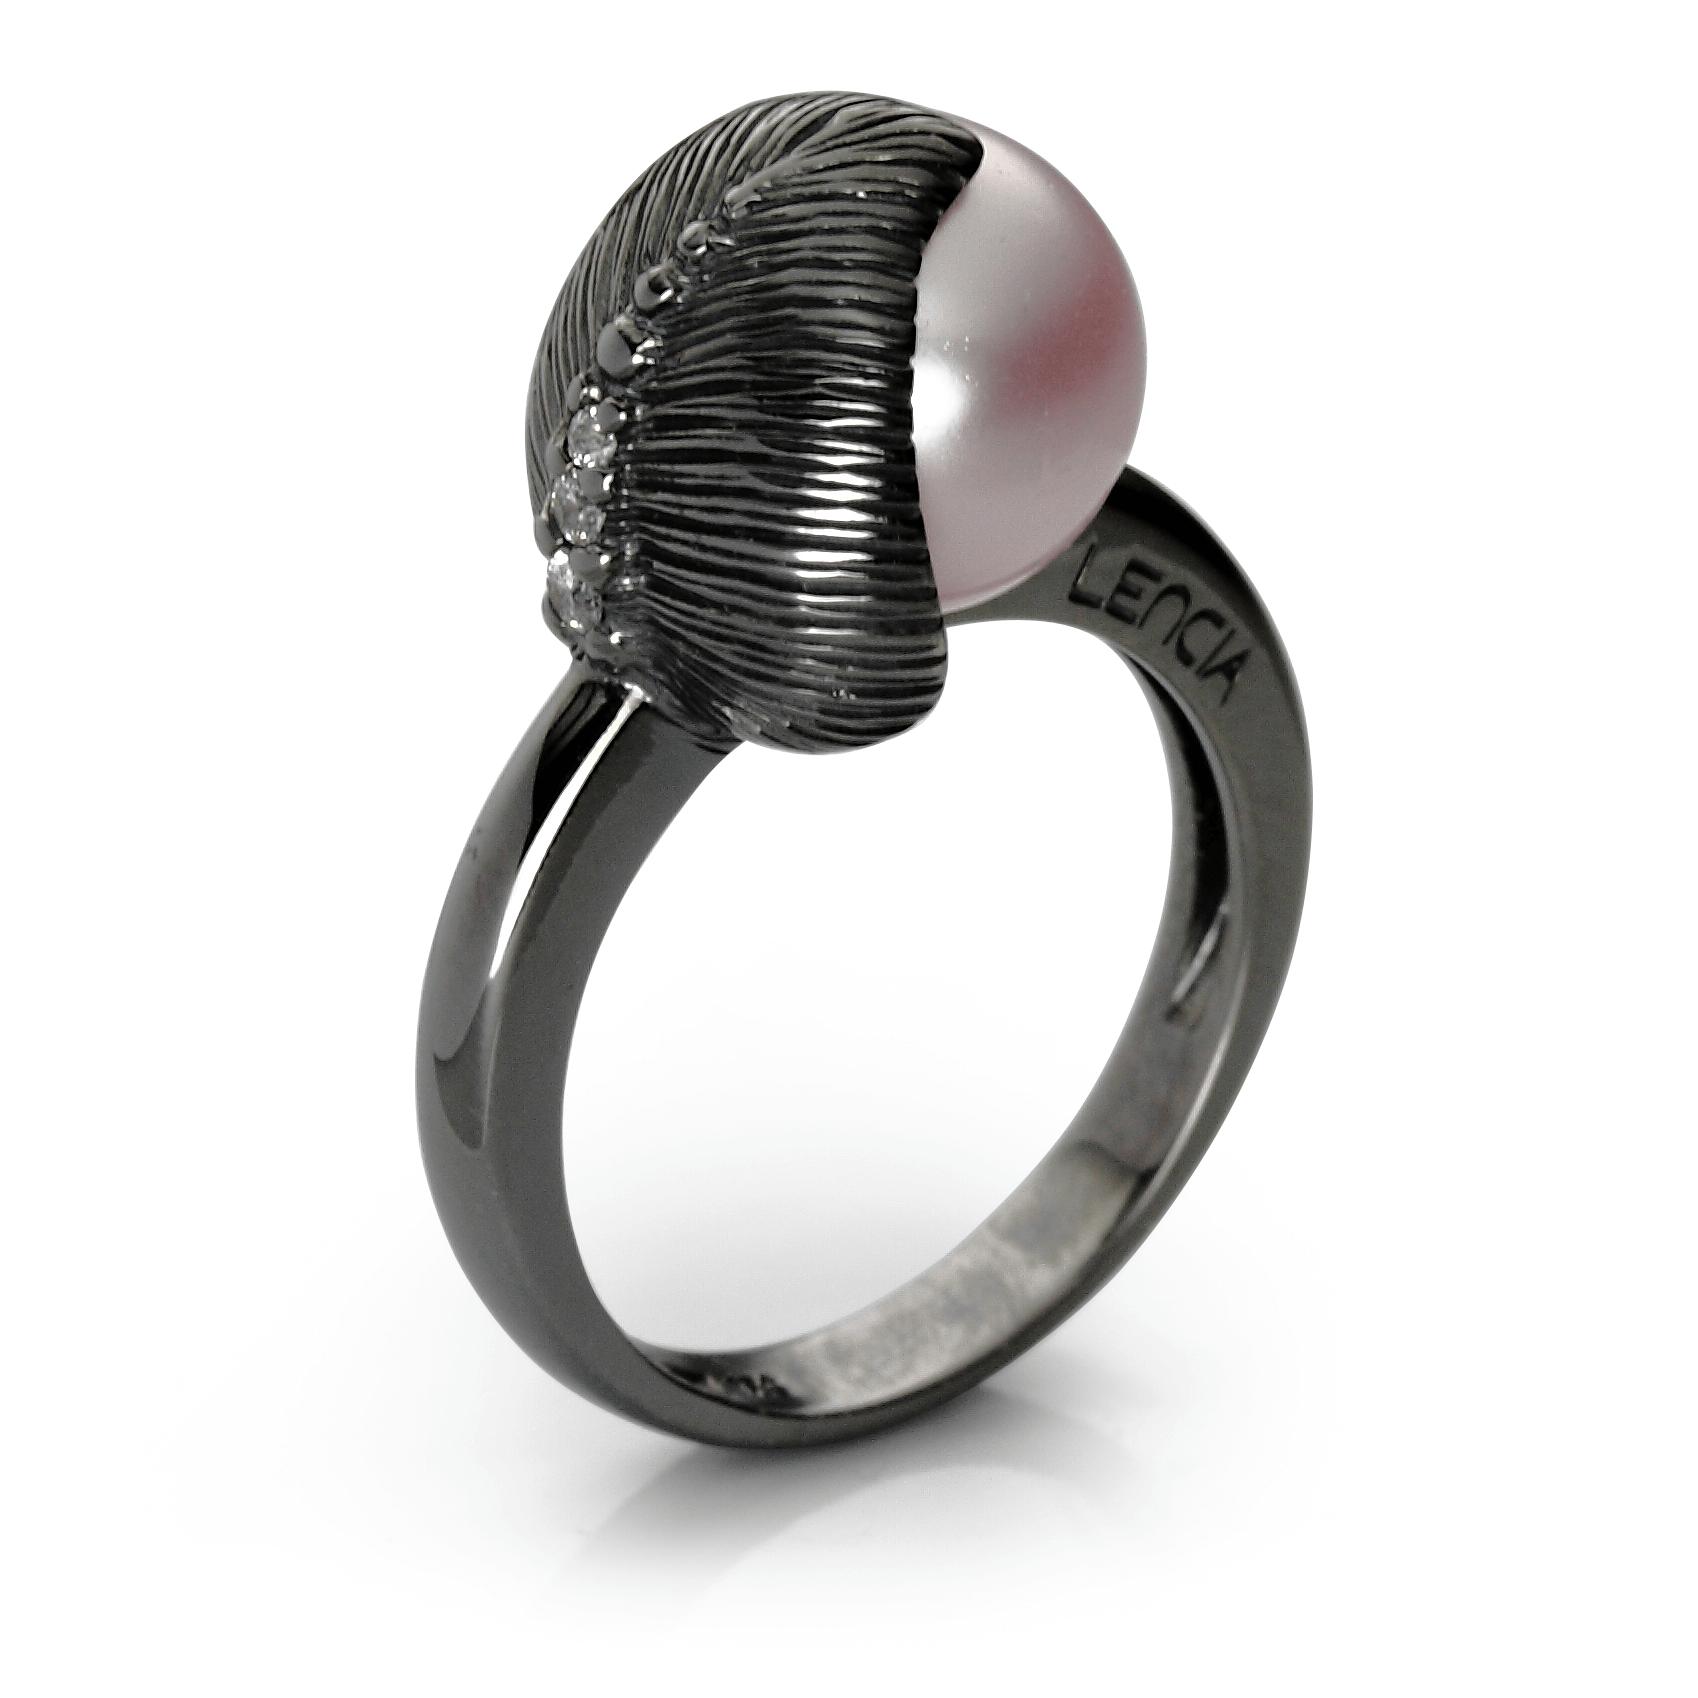 Ringsilver 925/000 black rhodium platedglass pearl Swarovski 10mm-1x; CZ 1,75 mm-1; CZ 1,5 mm-1x; CZ 1,25-1x